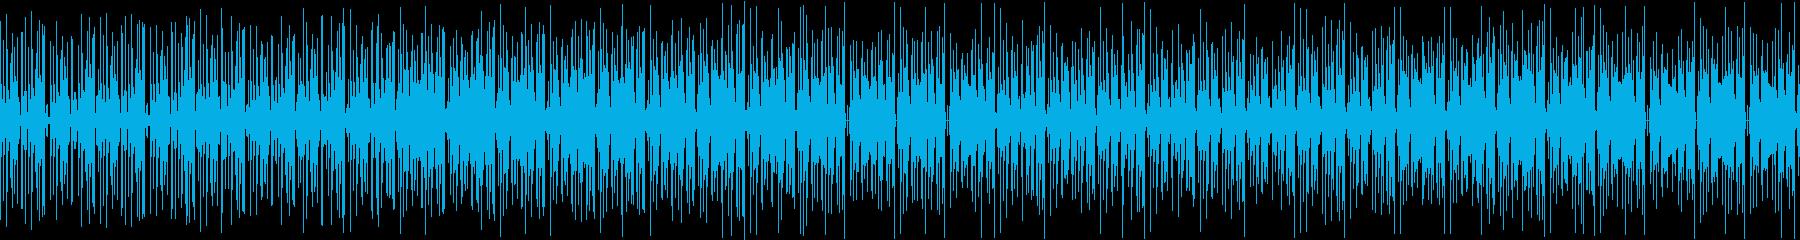 電脳世界のドラムンベースの再生済みの波形